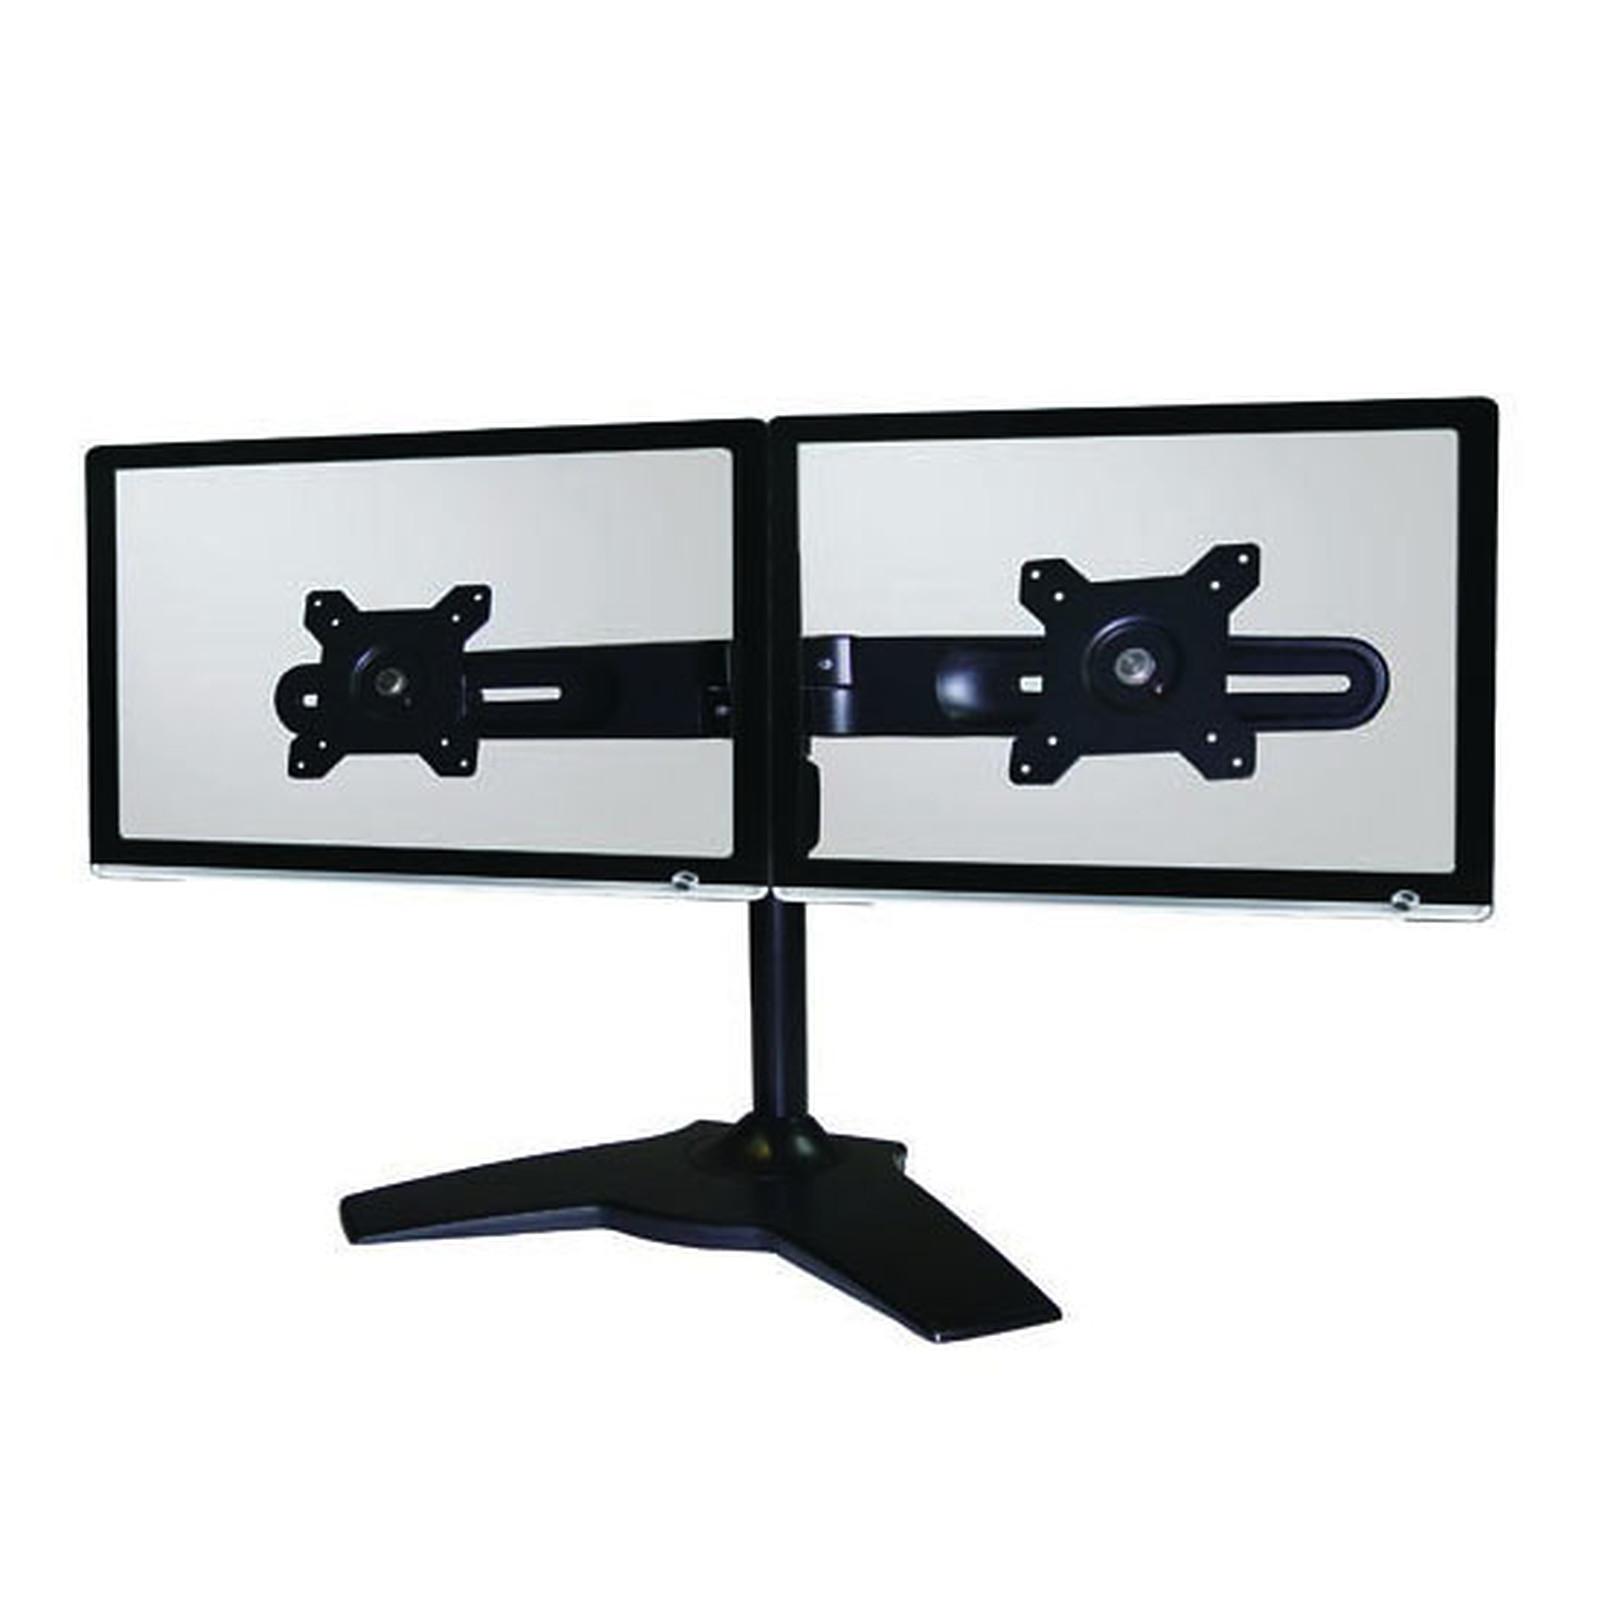 ldlc support de bureau pour 2 crans plats de 15 24. Black Bedroom Furniture Sets. Home Design Ideas